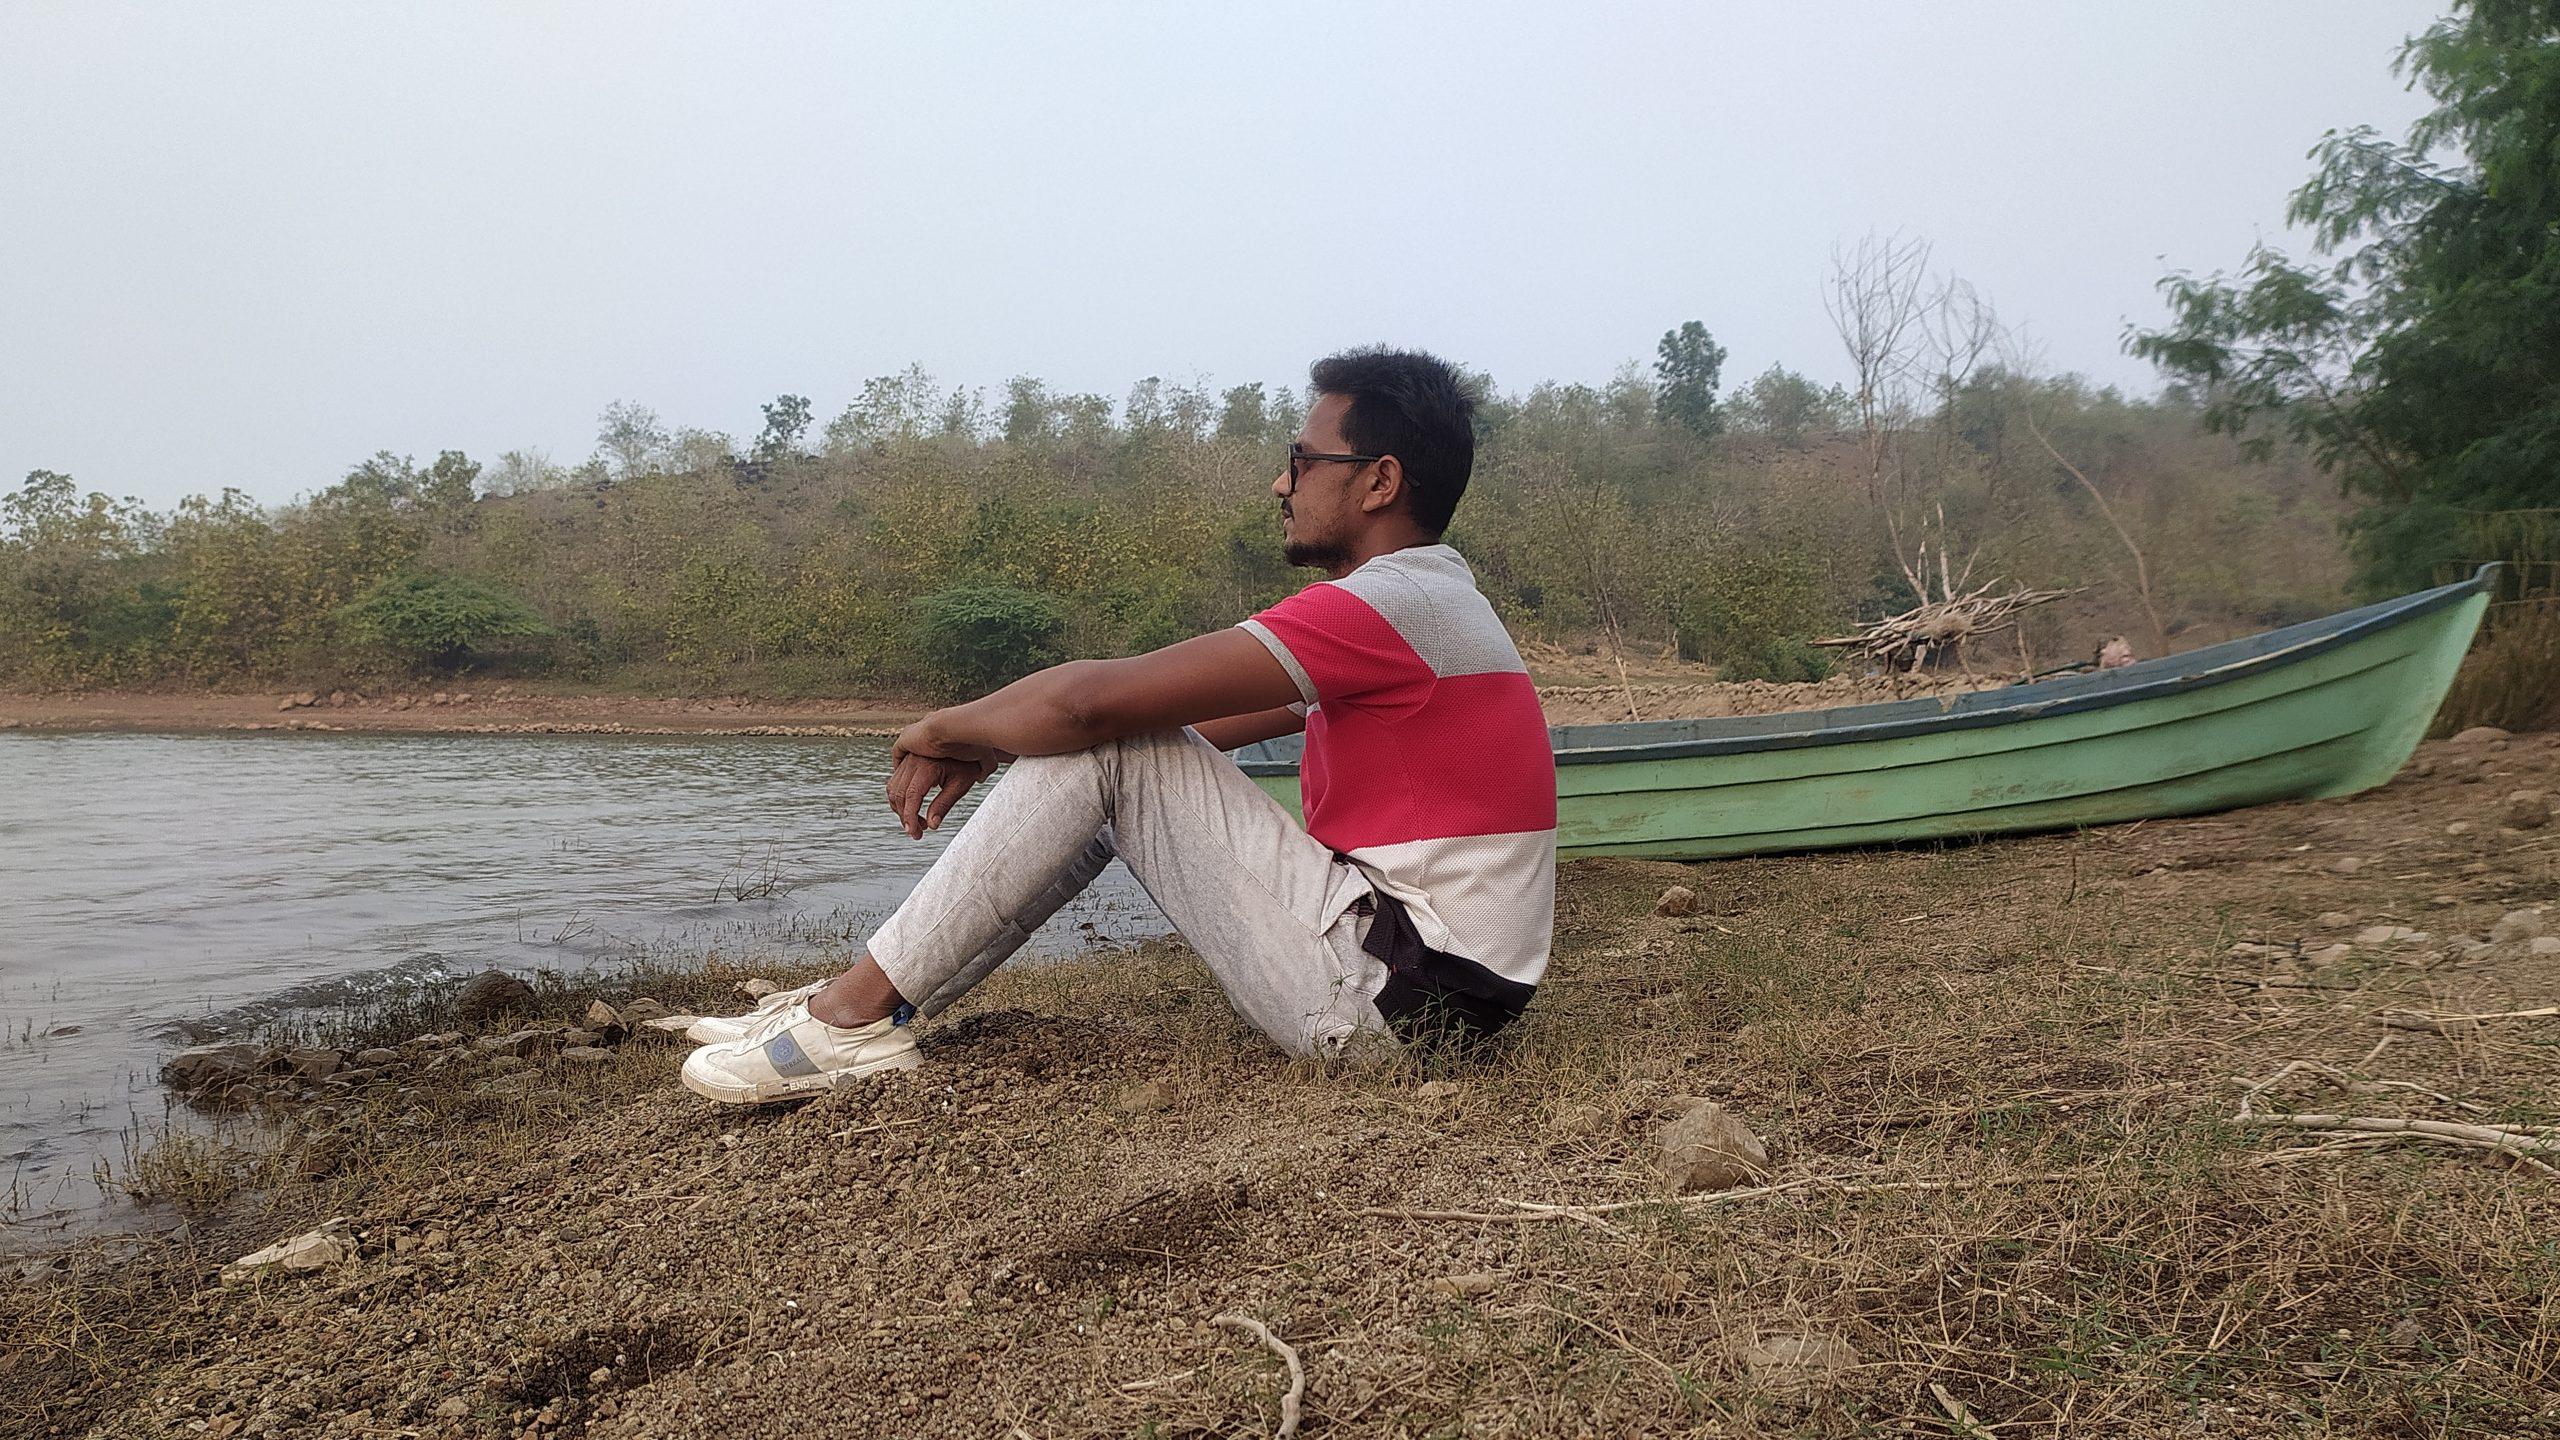 A boy near a lake